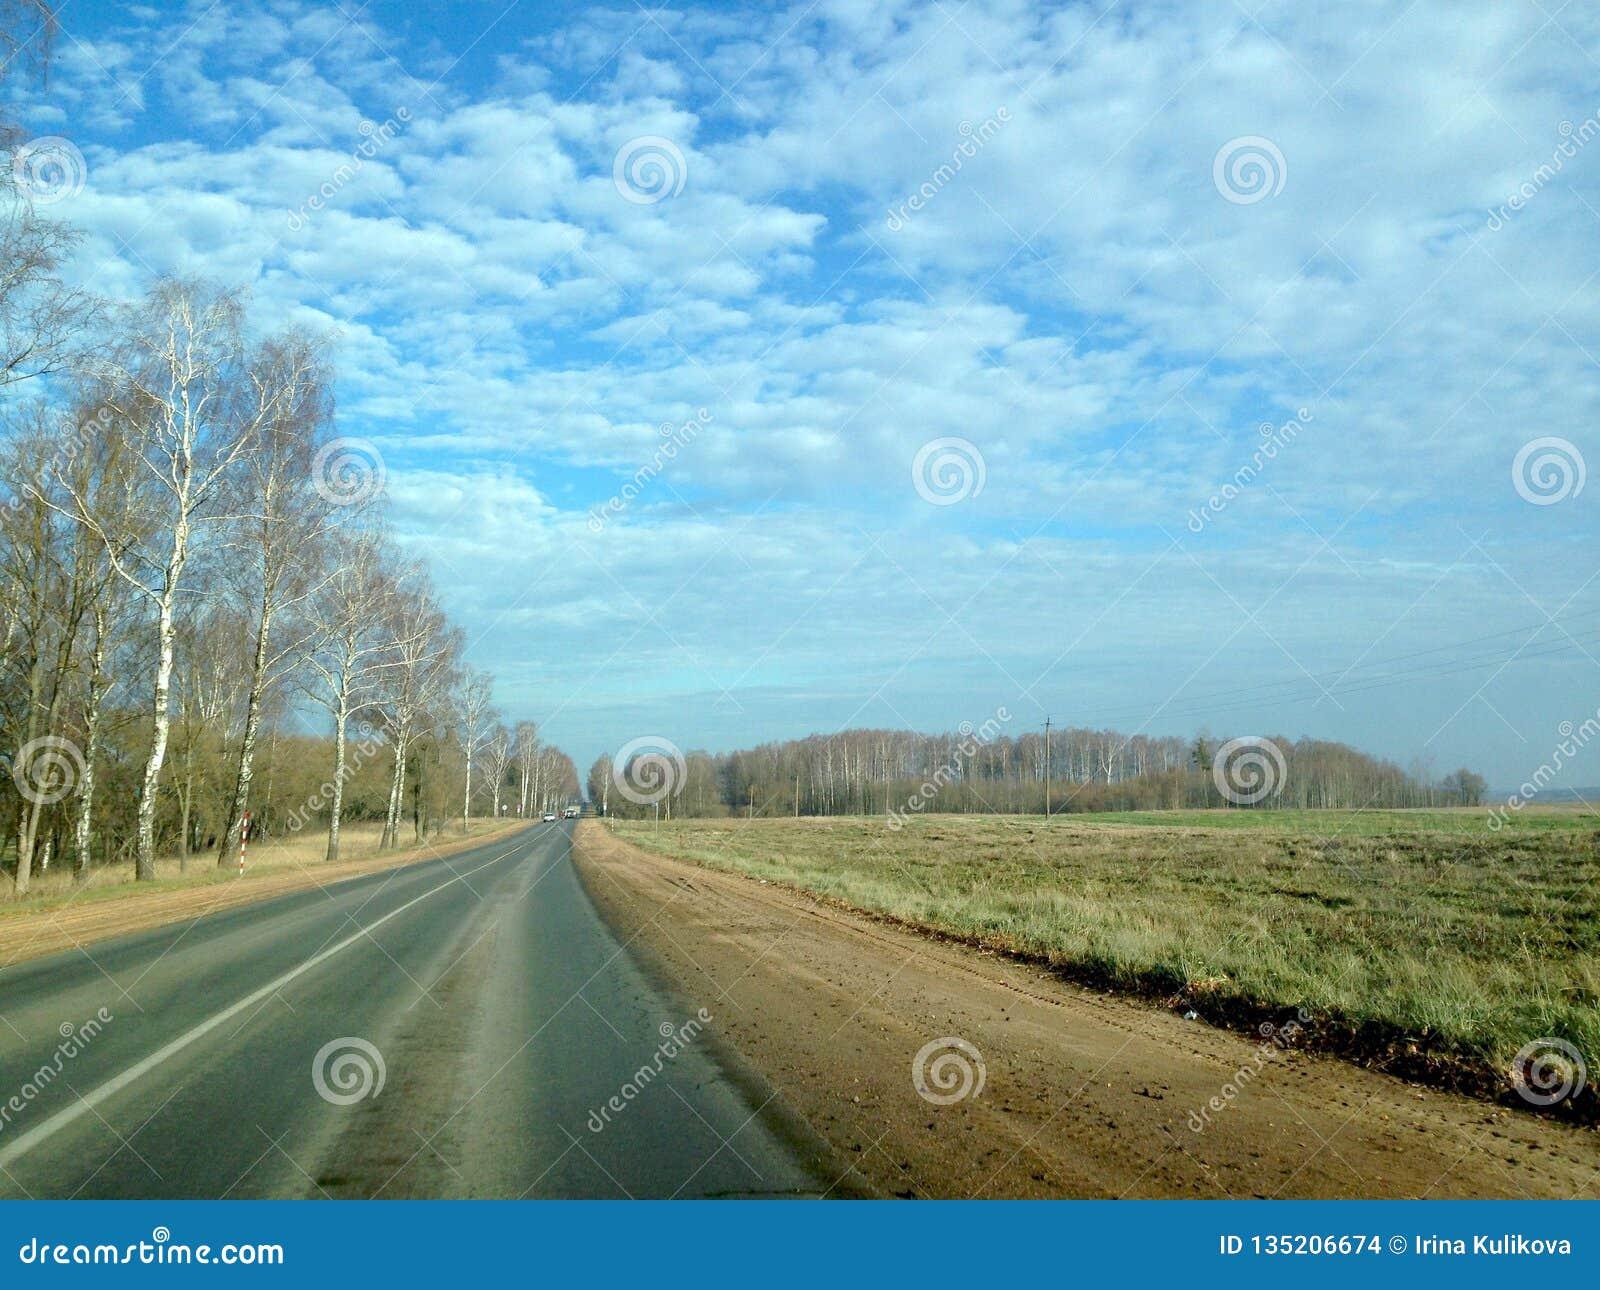 Asfaltweg in retro stijl door de gebieden en de bossen tegen de blauwe hemel met weelderige wolken